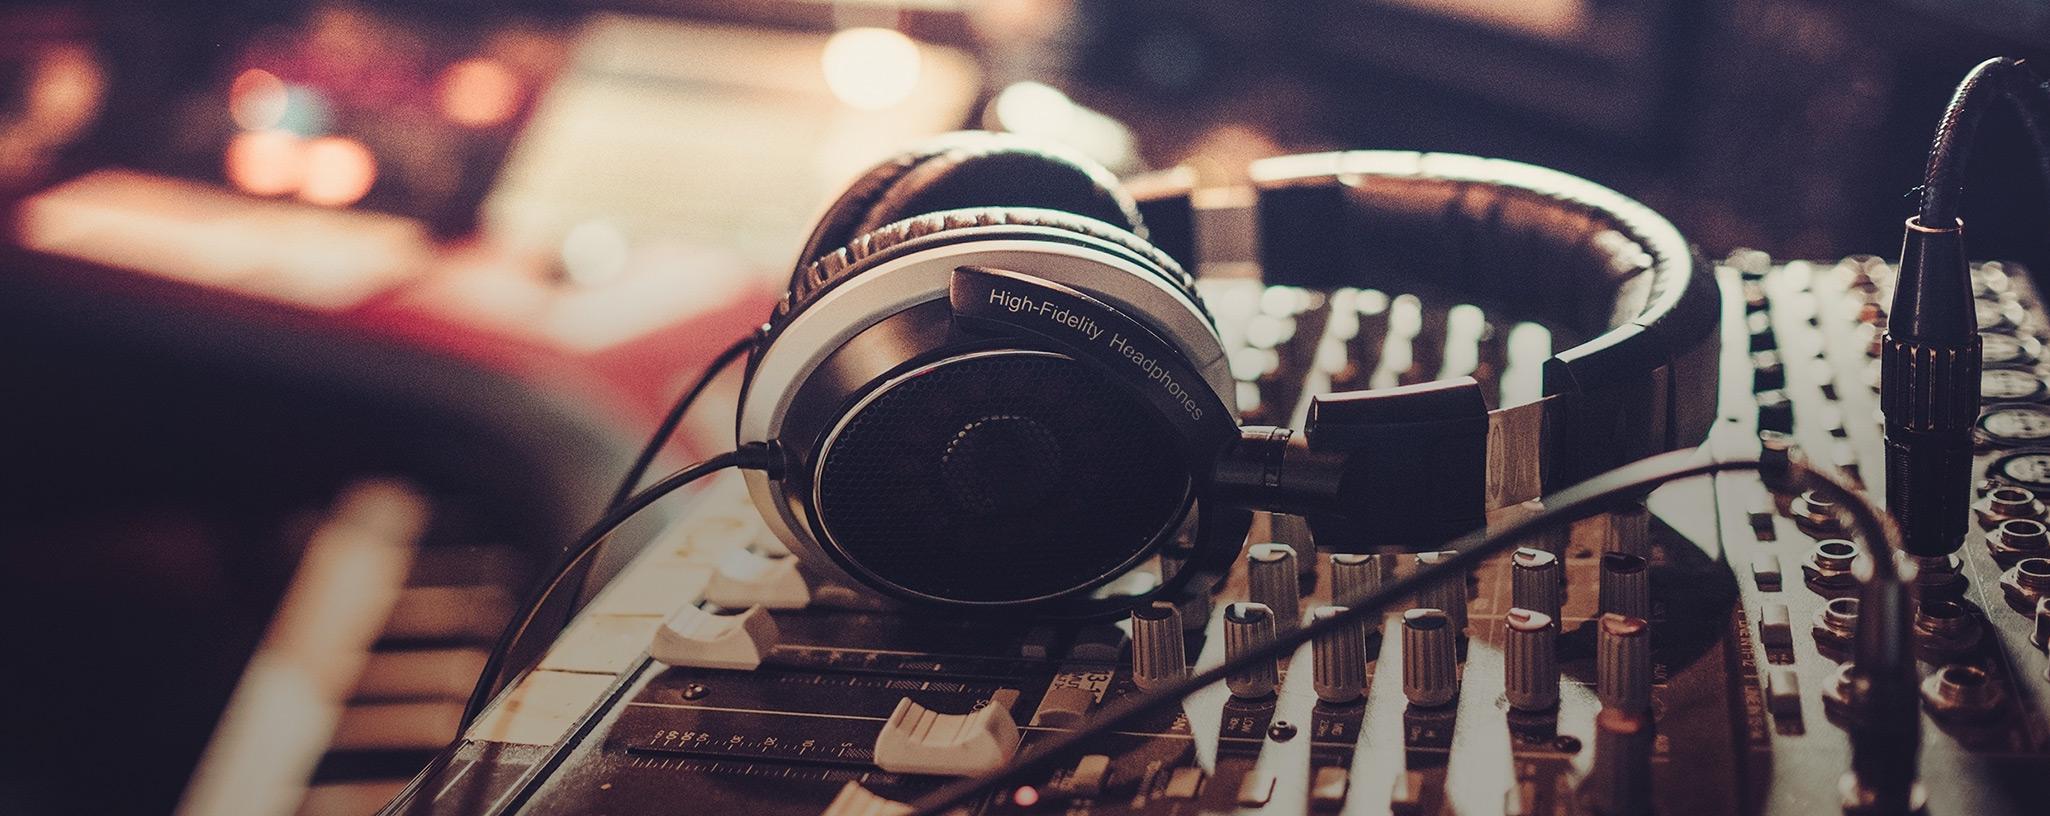 FM & DAB broadcast- Studio & Radio-Report